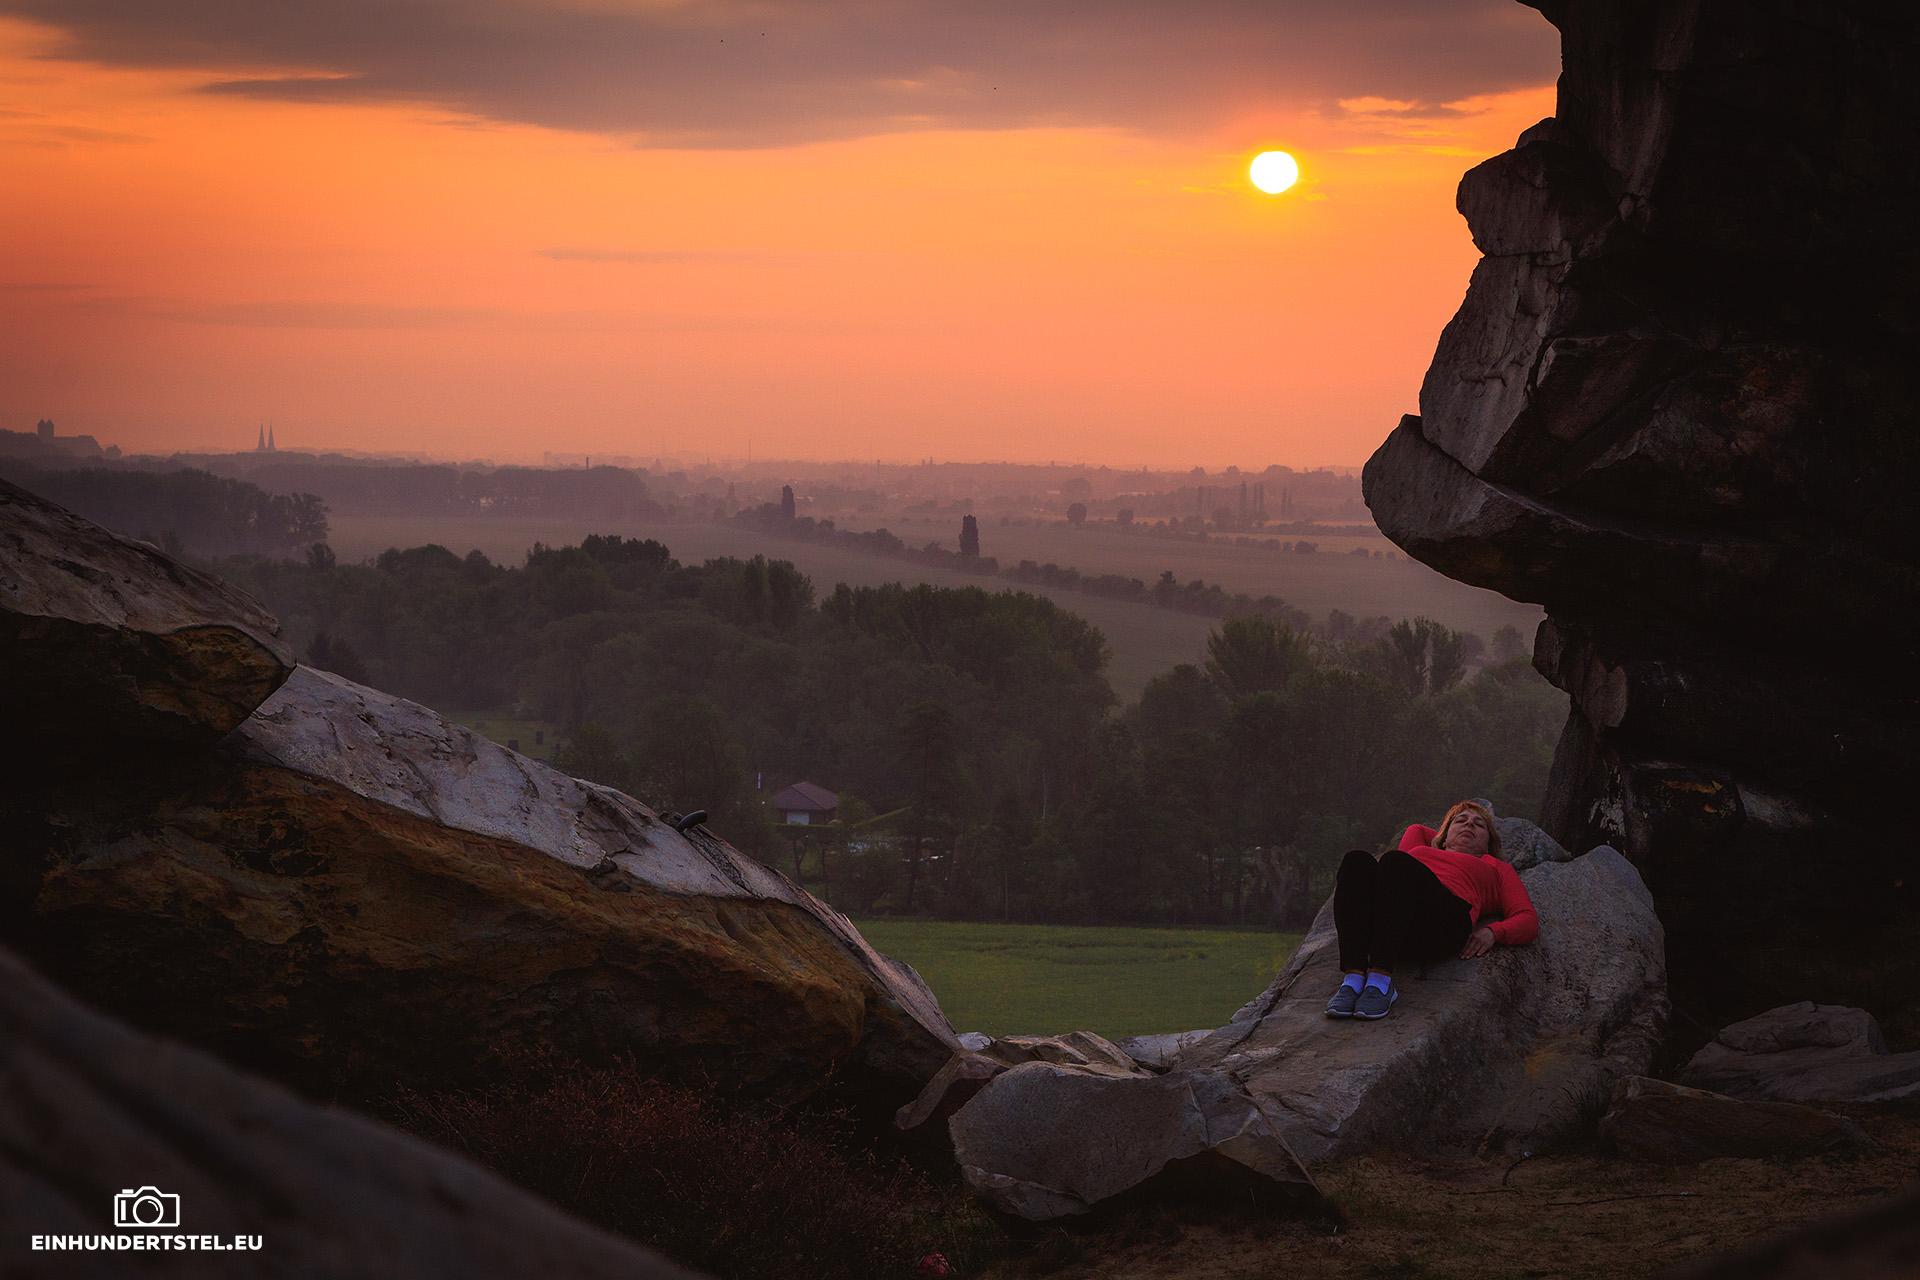 Sabine liegt auf einem Felsen der Teufelsmauer. Sonnenaufgang